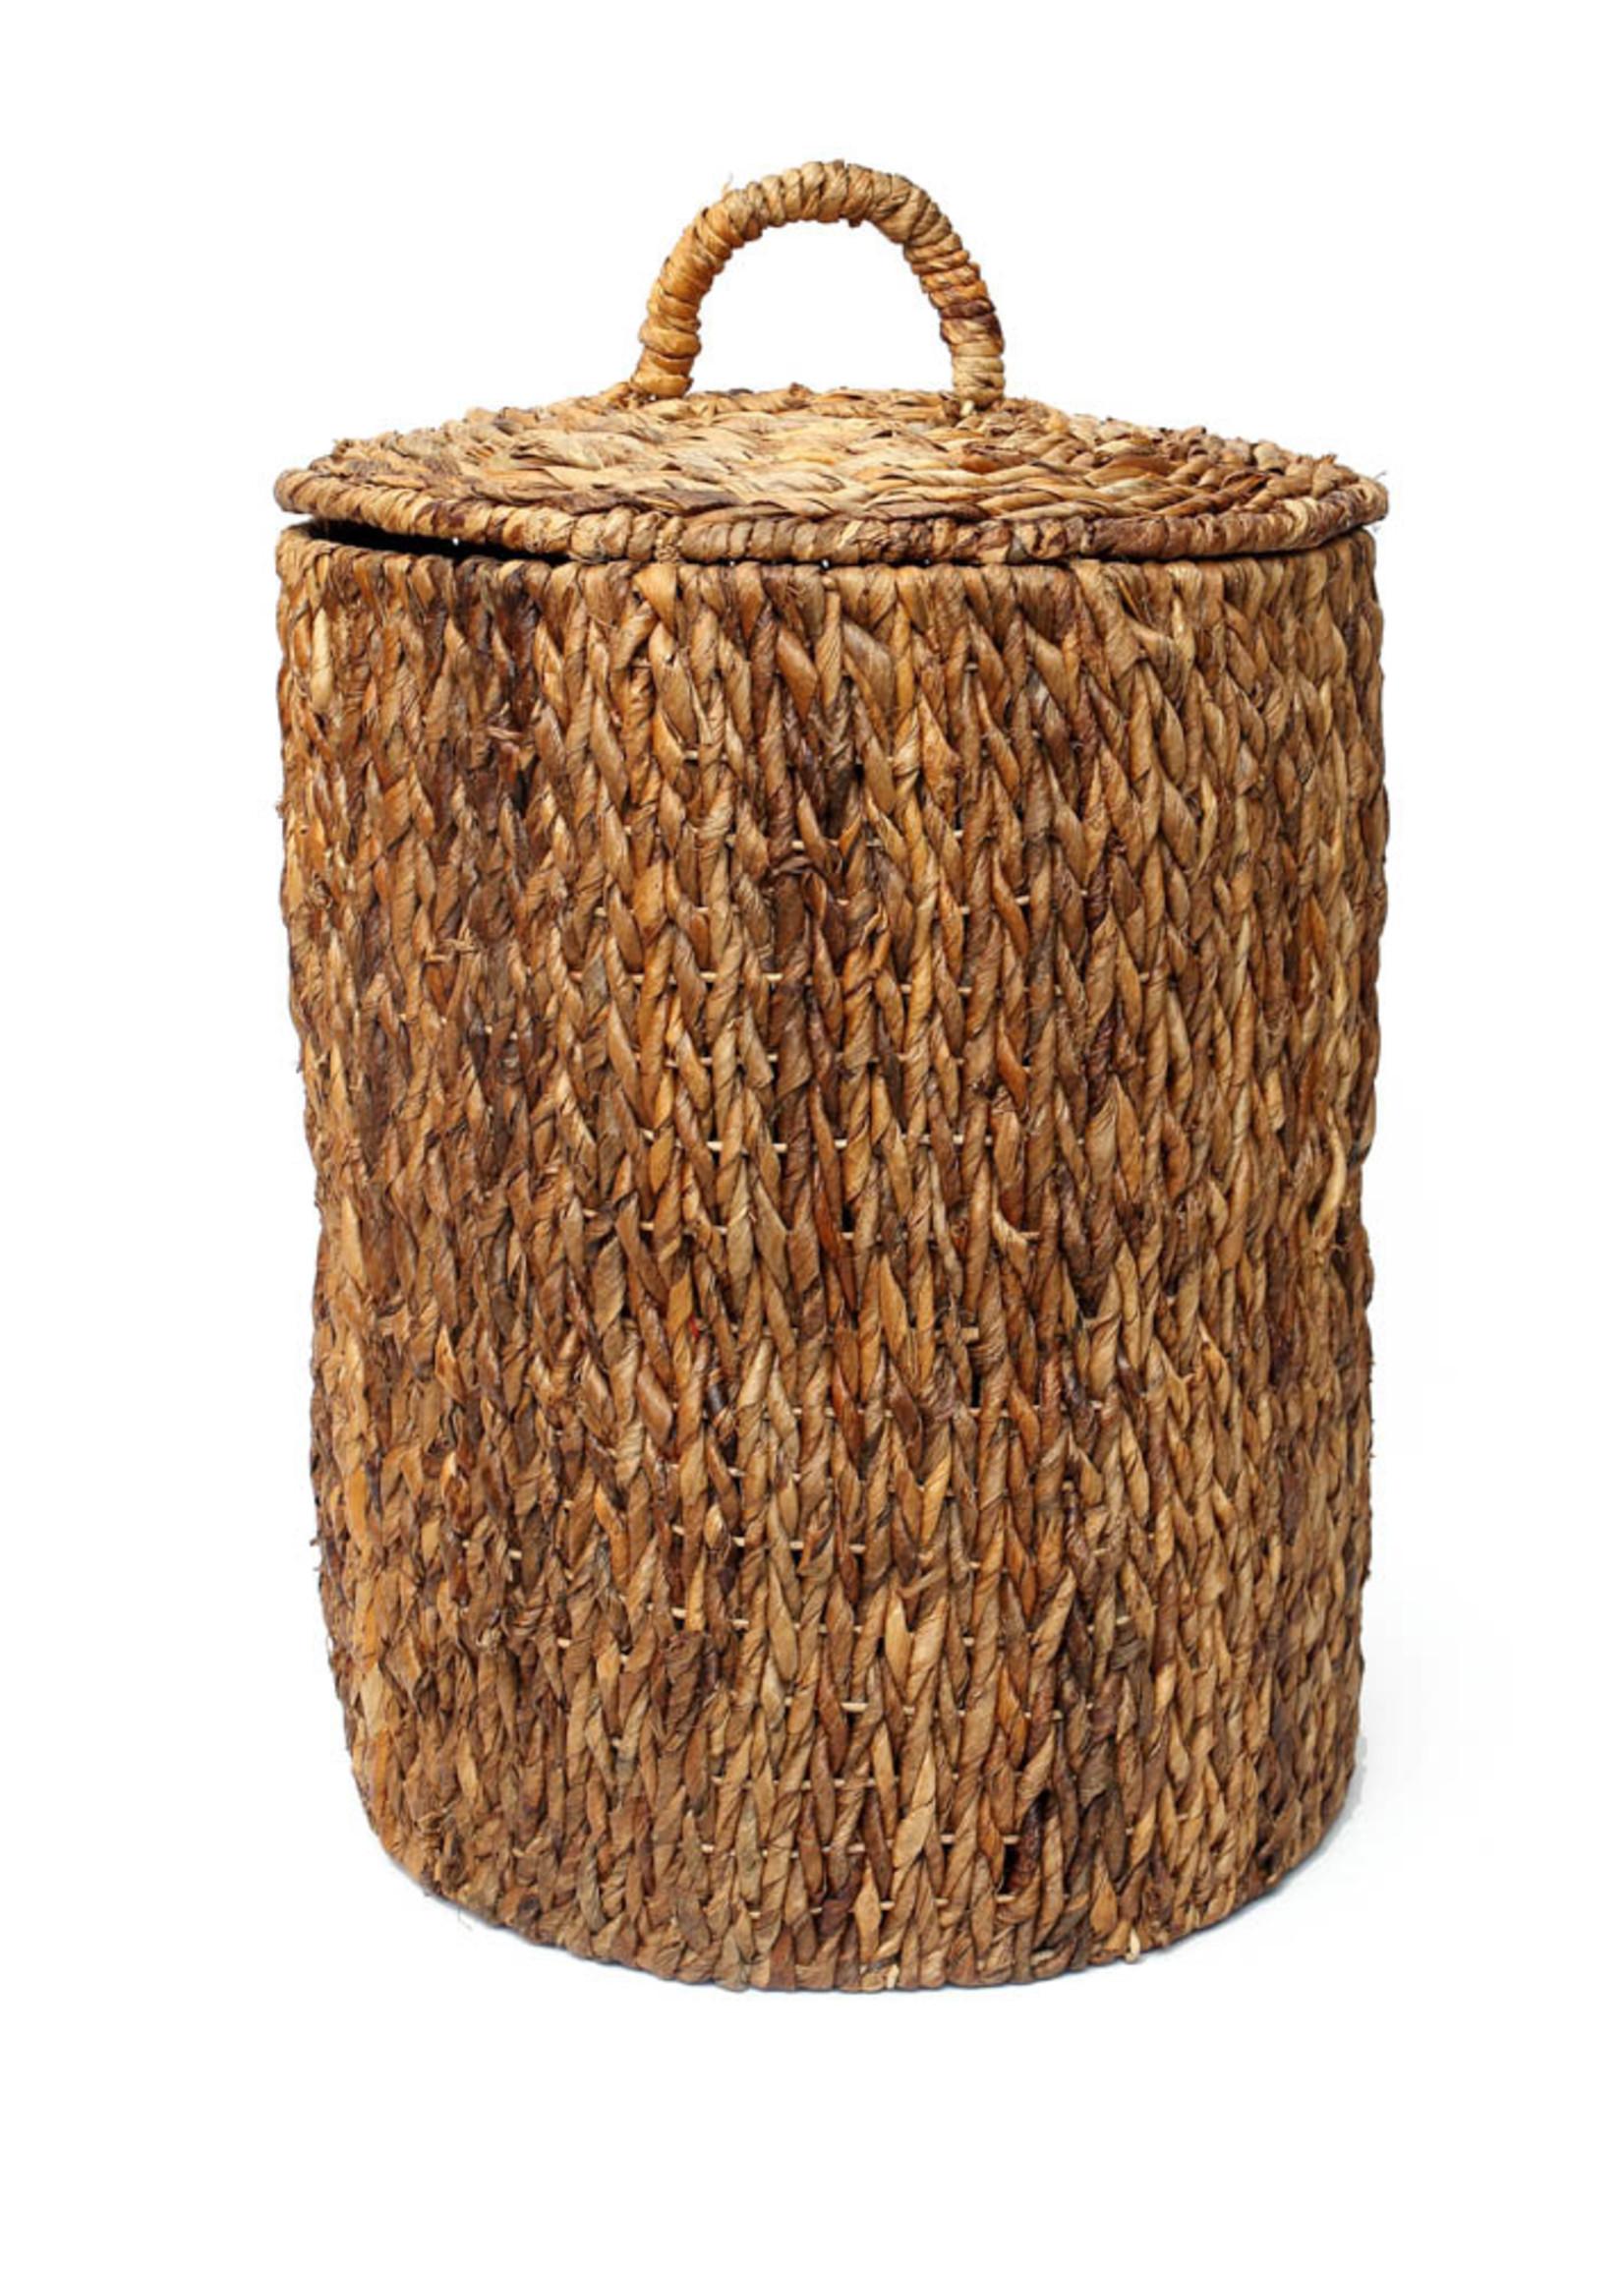 The Banana Laundry Baskets - Natural - Large